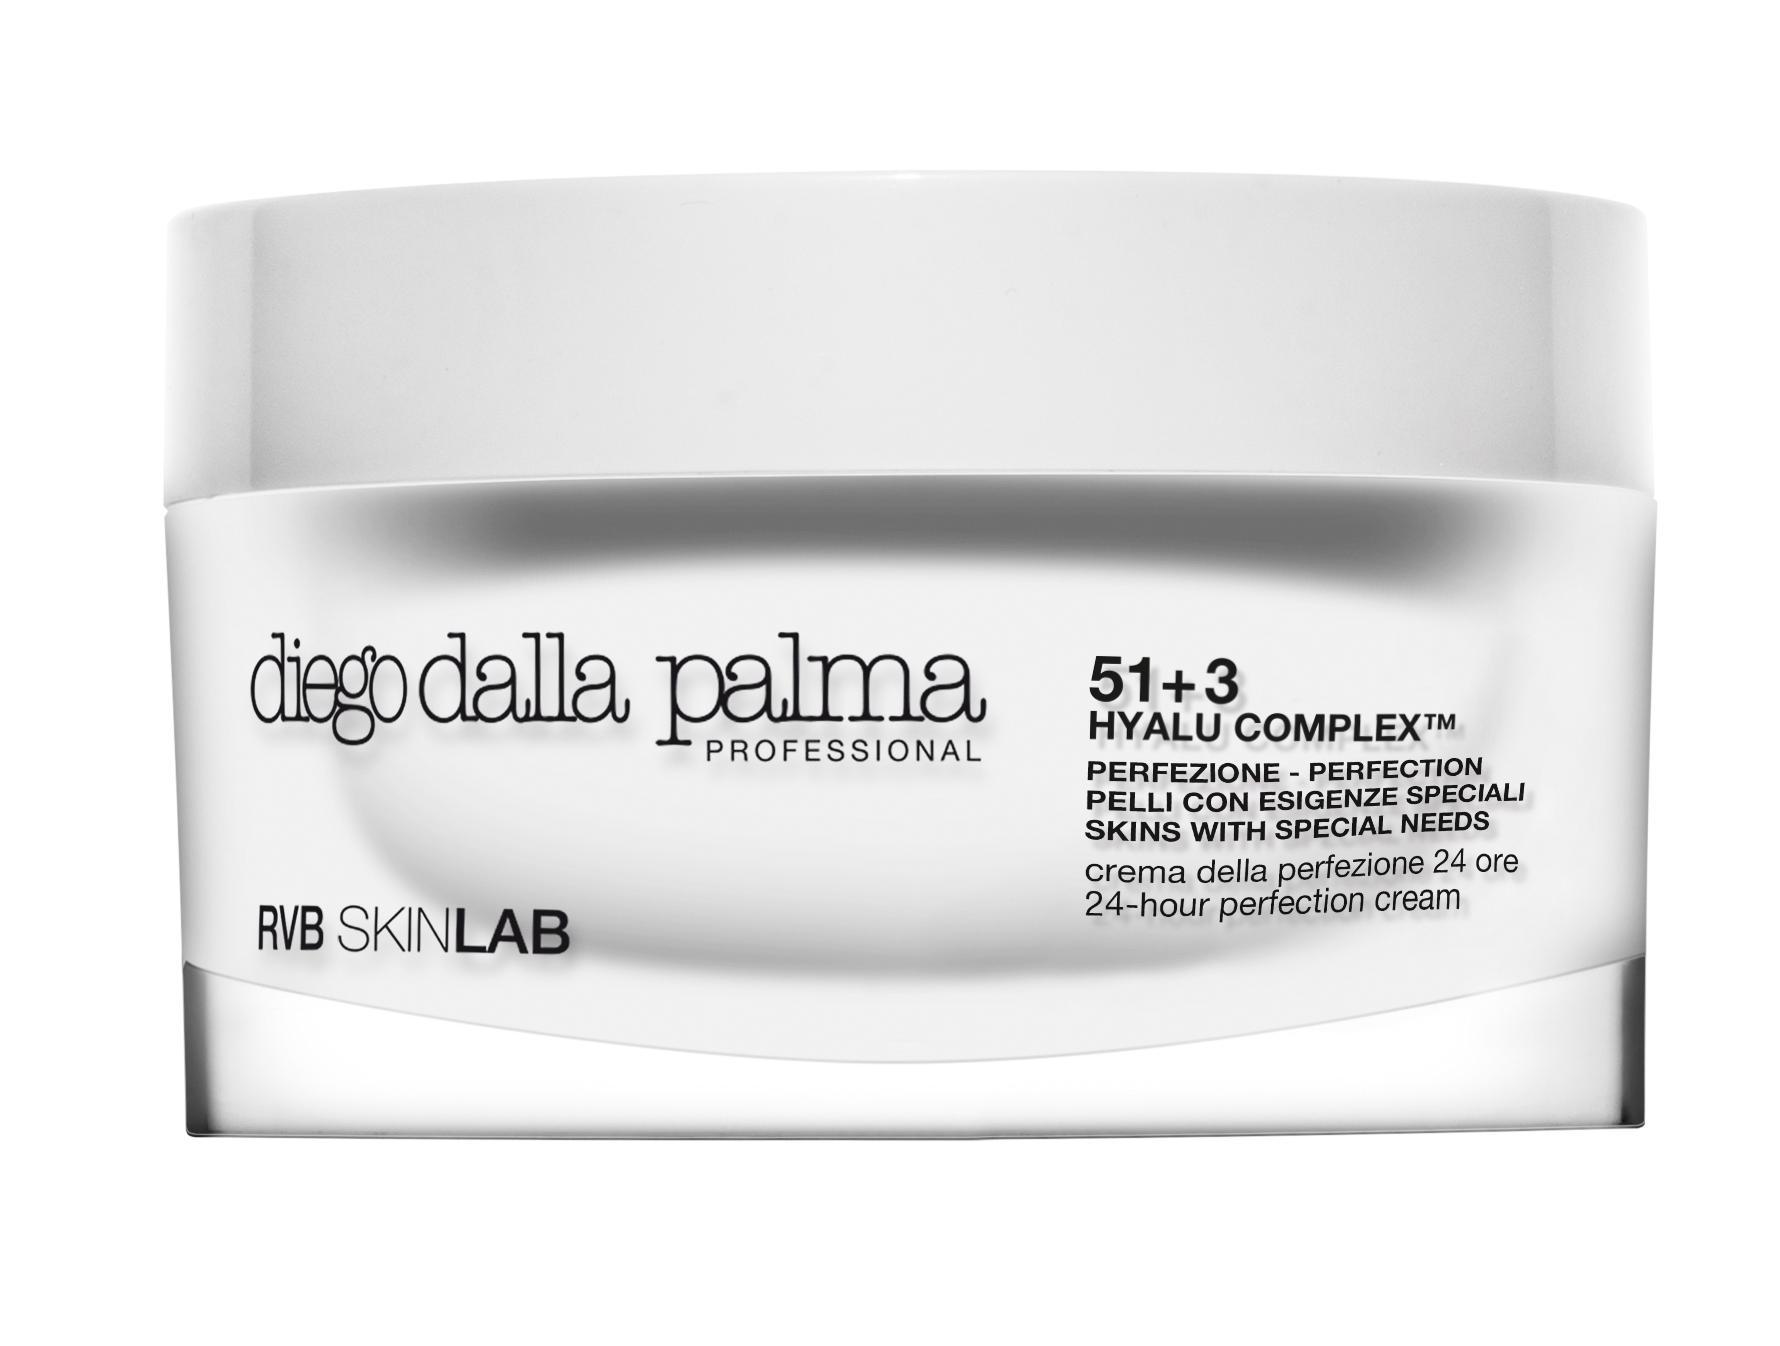 DIEGO DALLA PALMA PROFESSIONAL Крем для идеальной кожи 24 часа / Diego dalla palma 50мл